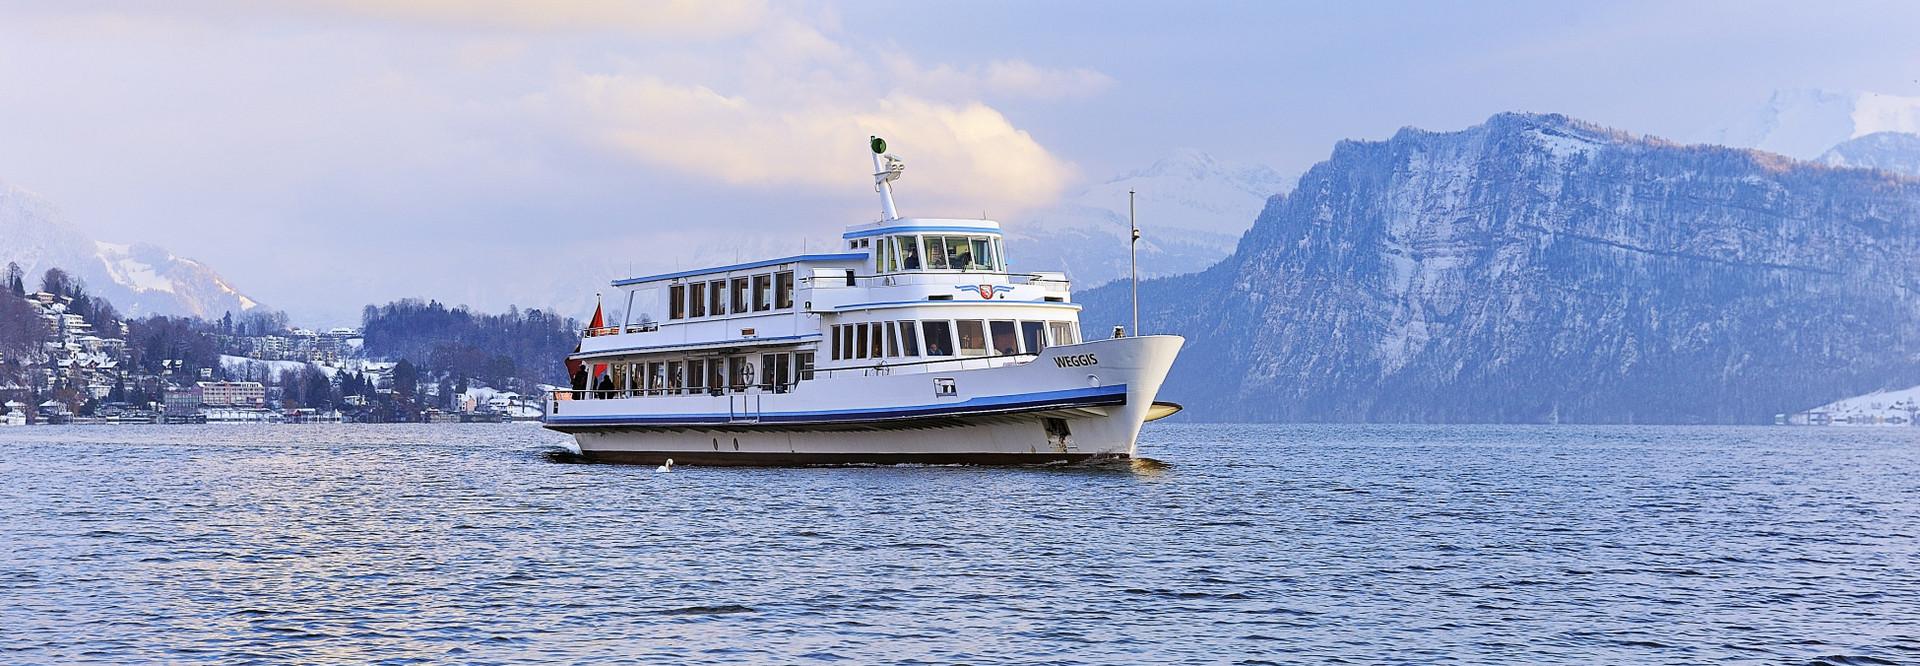 Un bateau à moteur navigue sur le lac des Quatre-Cantons en hiver.